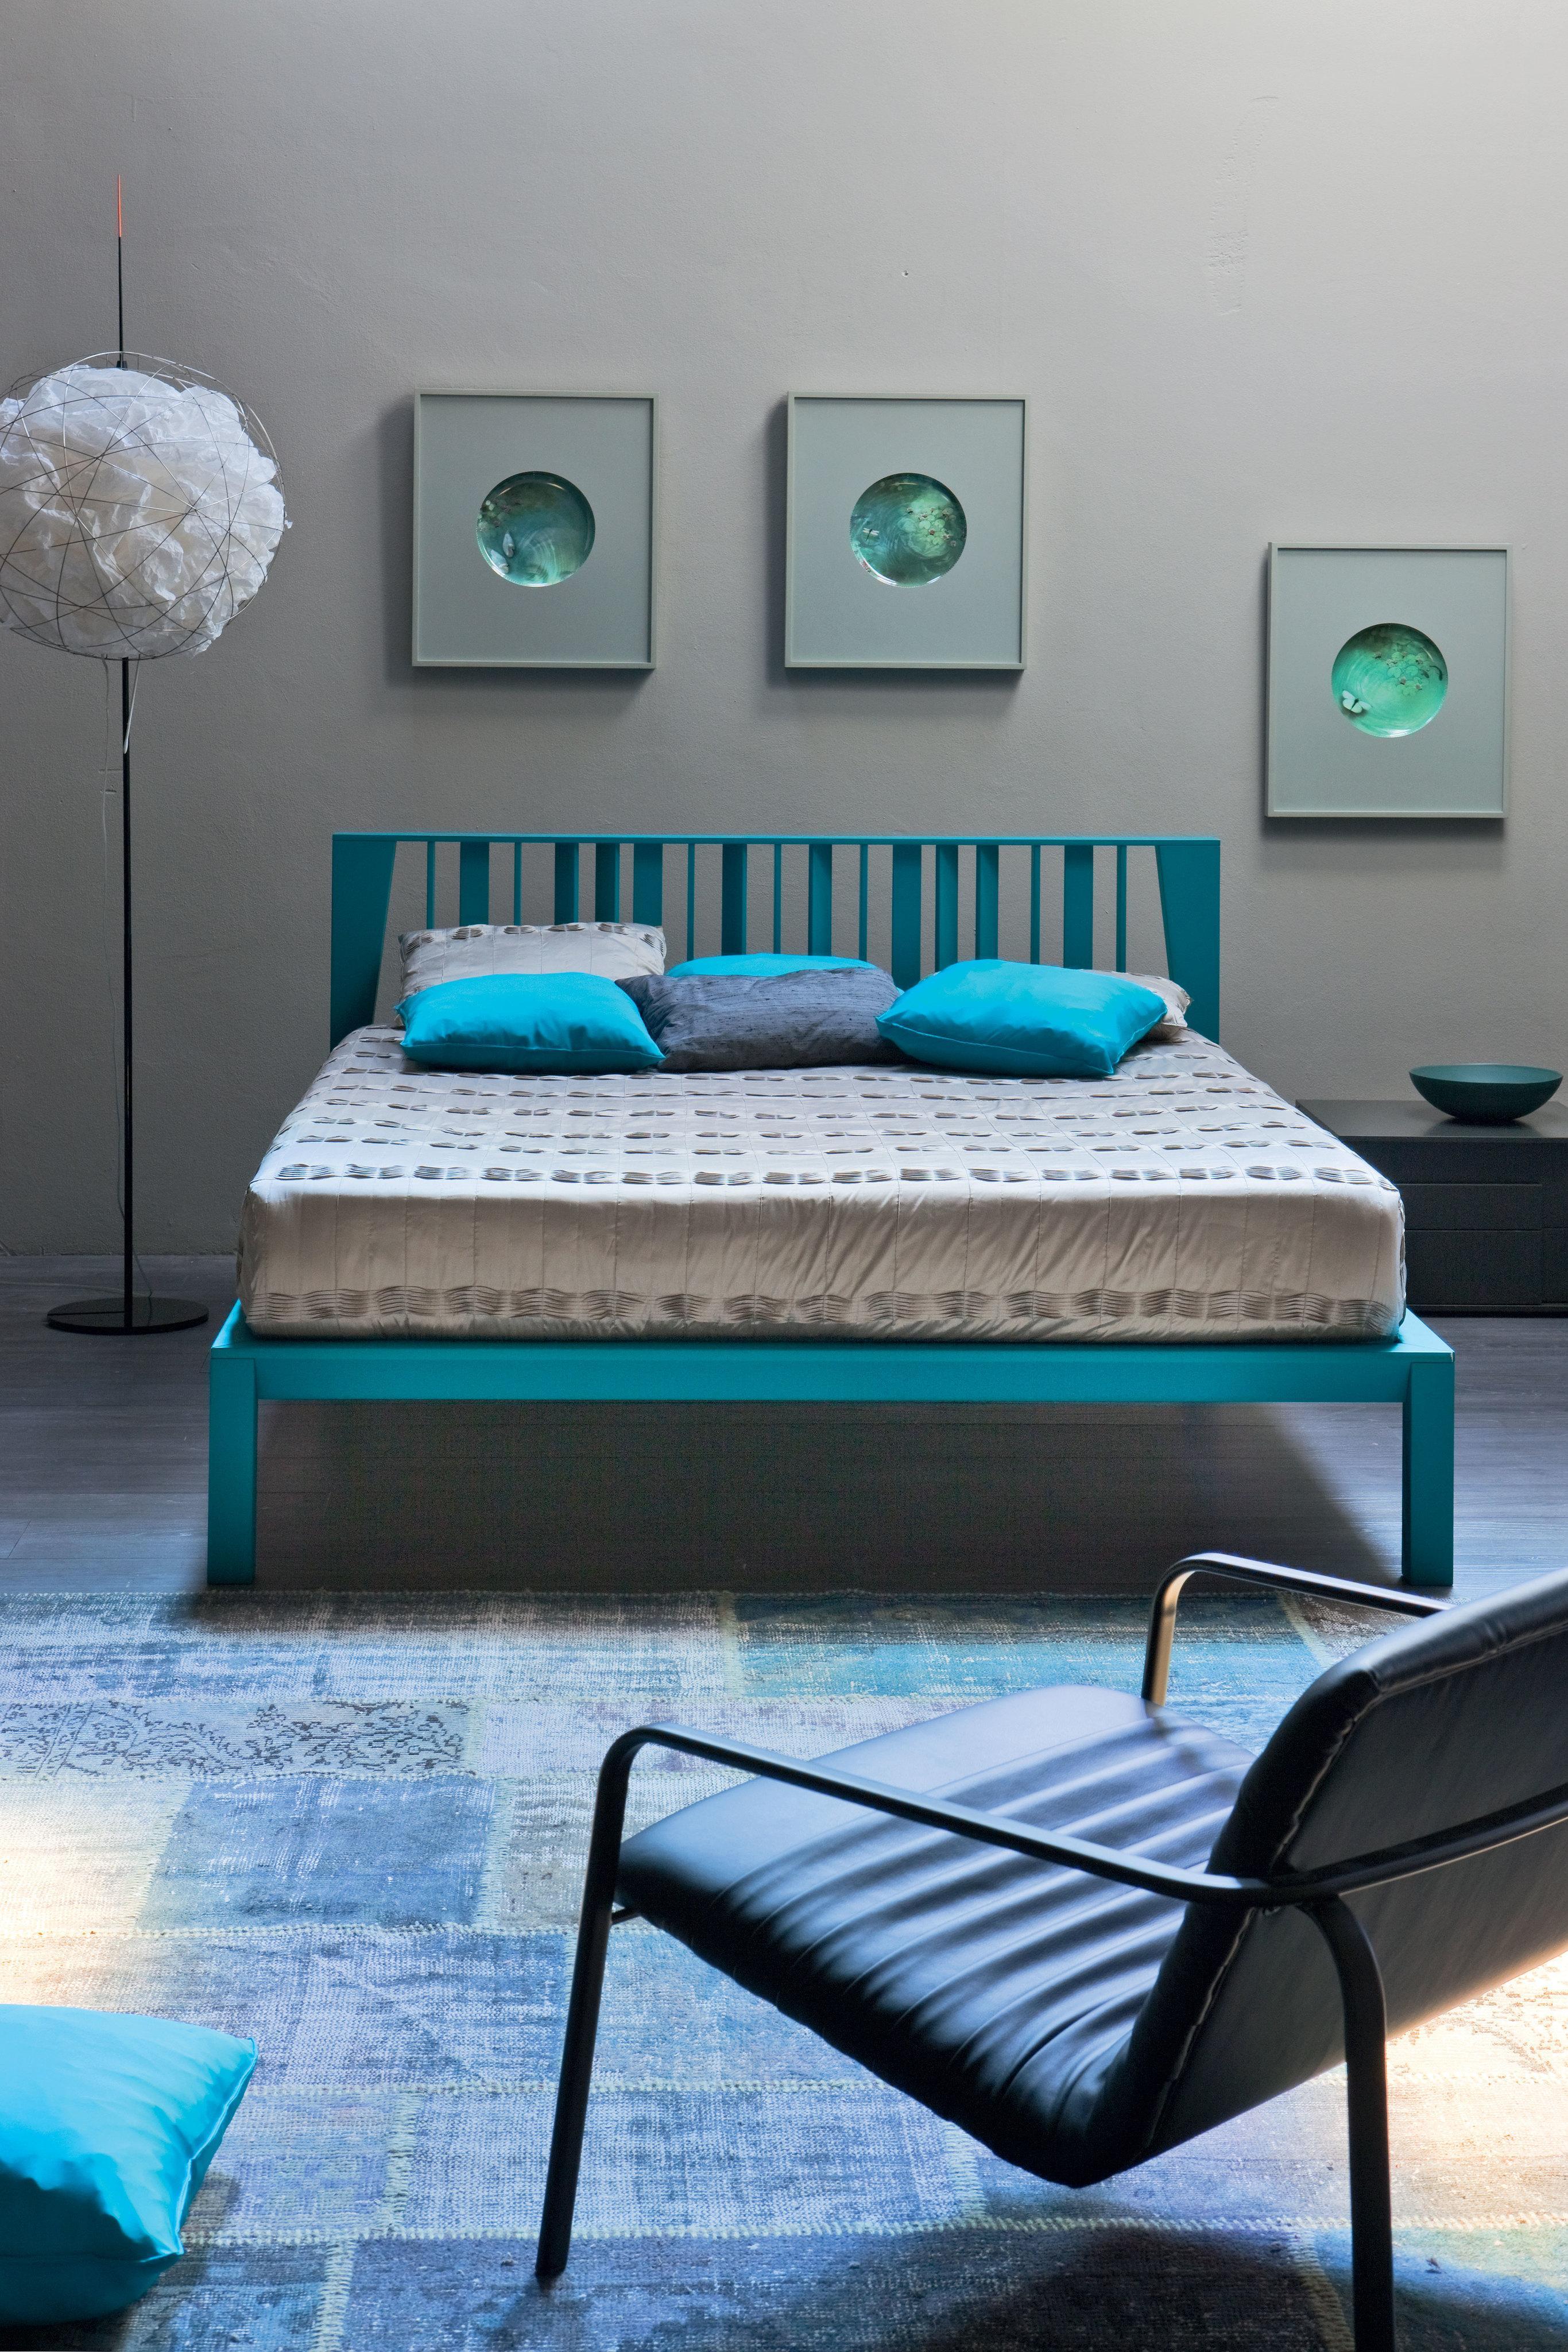 Ordnungssystem bilder ideen couchstyle for Kommode vor bett